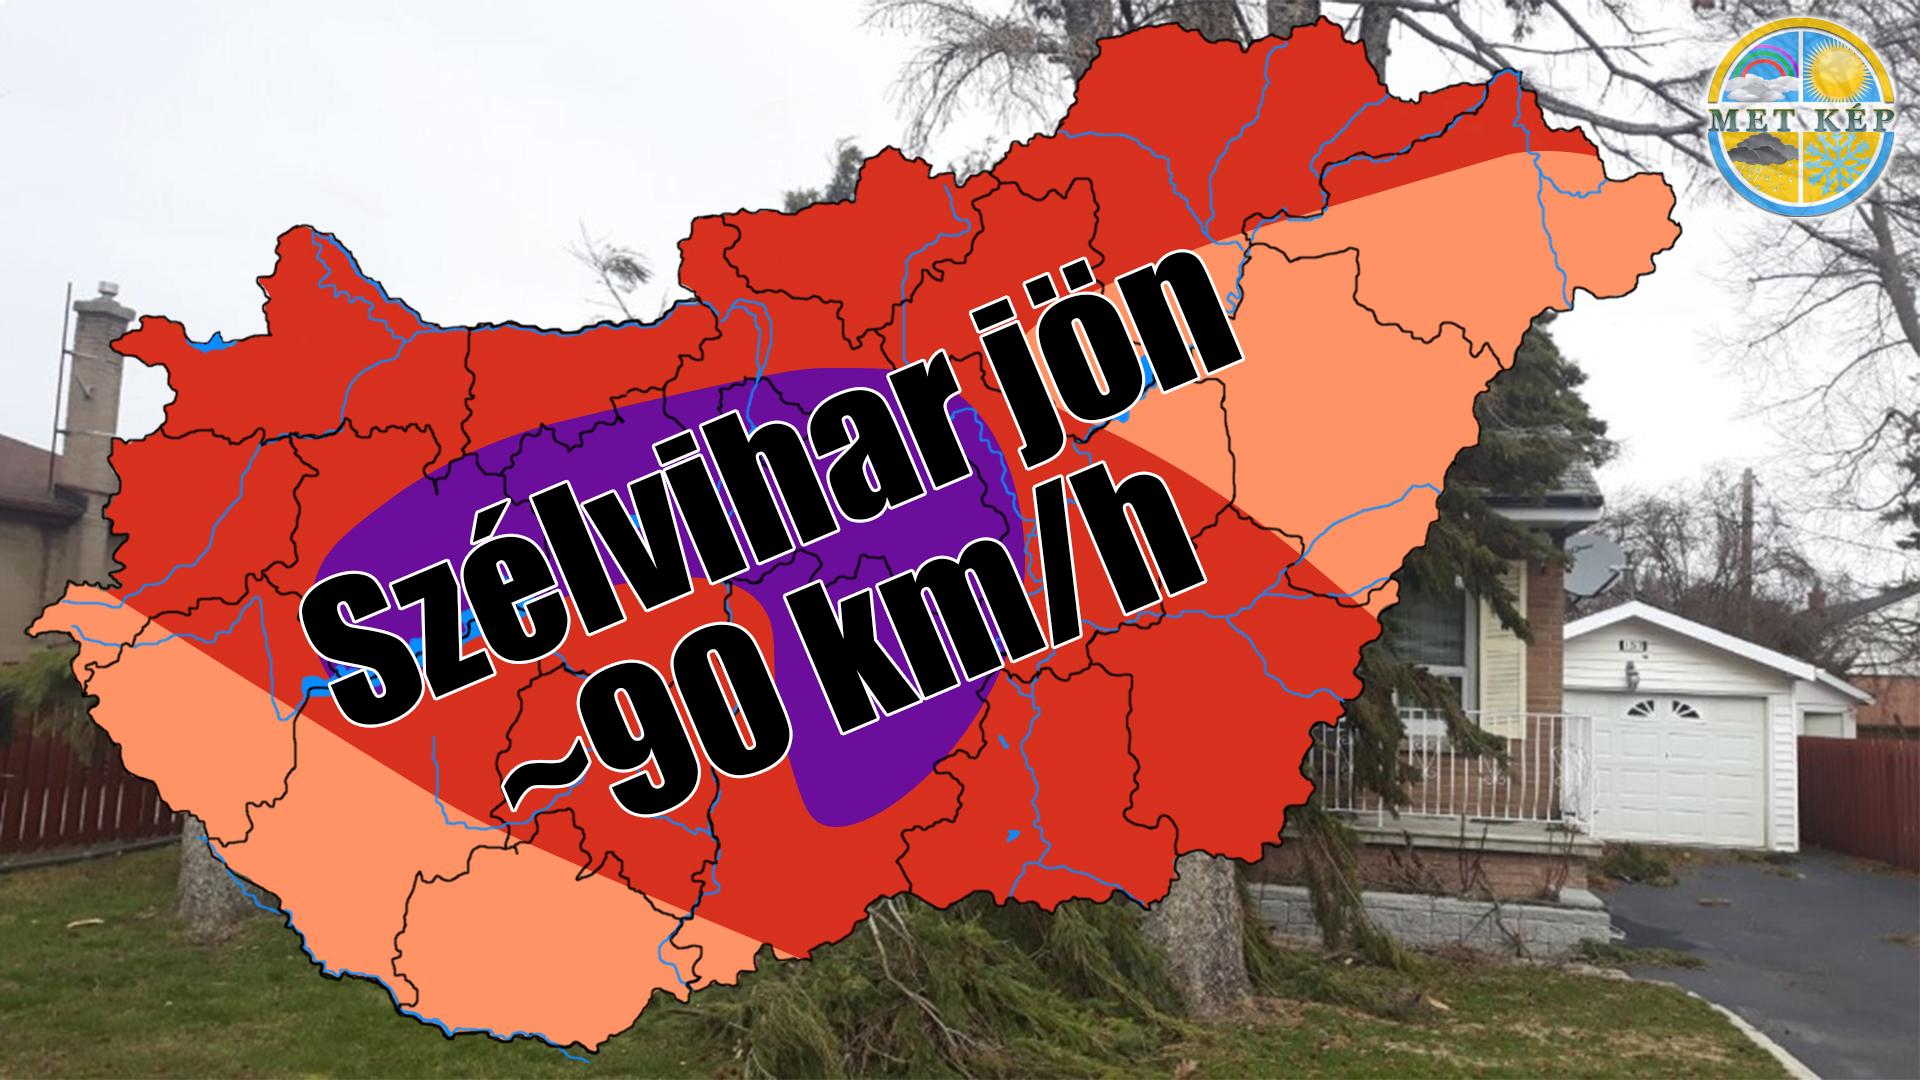 Holnap: 85-90km/h-s szélviharral tör be a hidegfront! 6